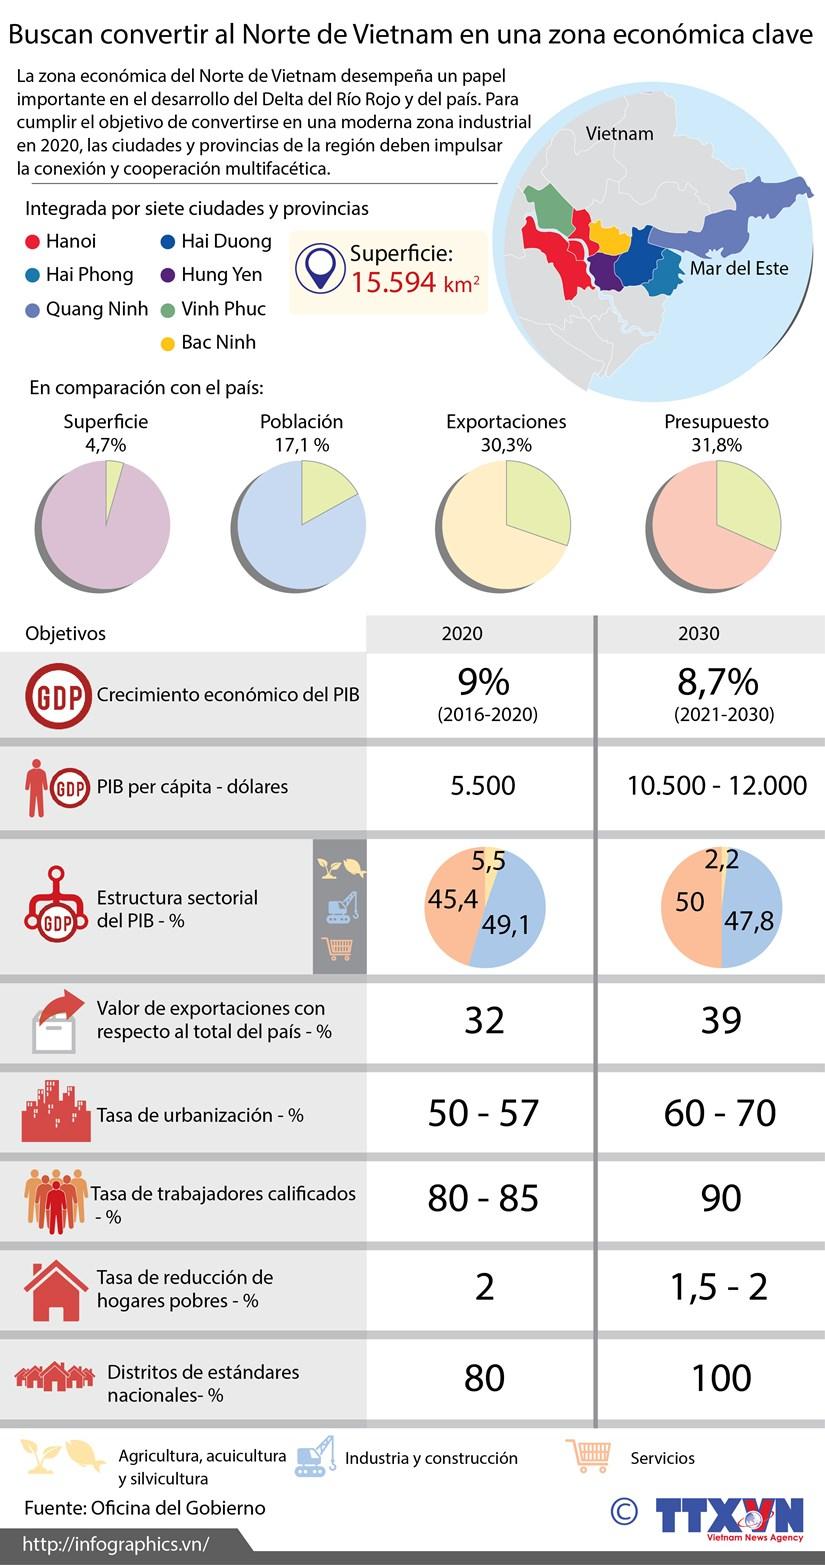 [Infografia] Buscan convertir al Norte de Vietnam en una zona economica clave hinh anh 1